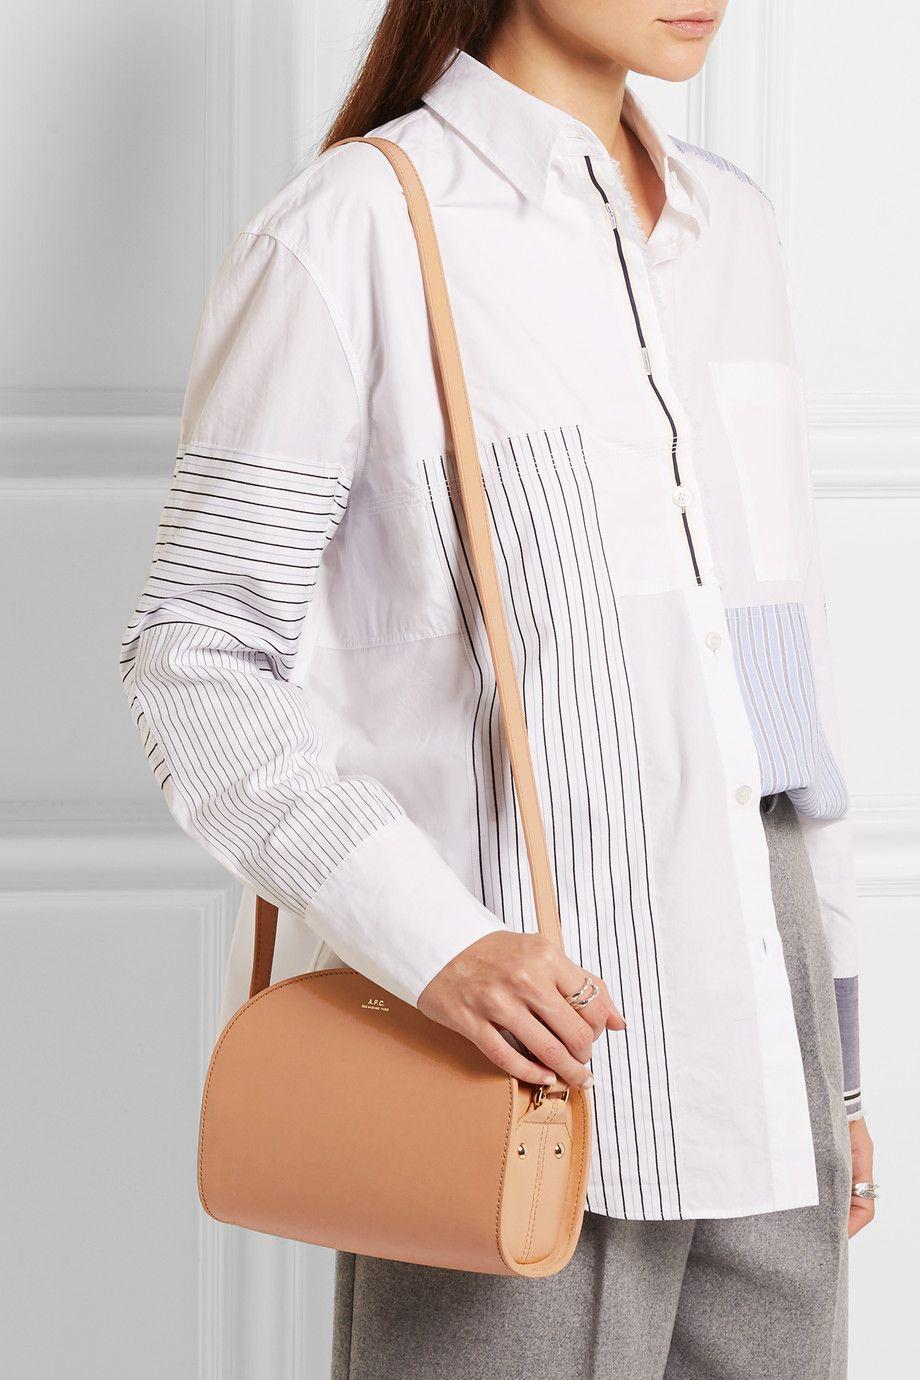 A.P.C. Atelier de Production et de Création | Demi-Lune leather shoulder bag | NET-A-PORTER.COM